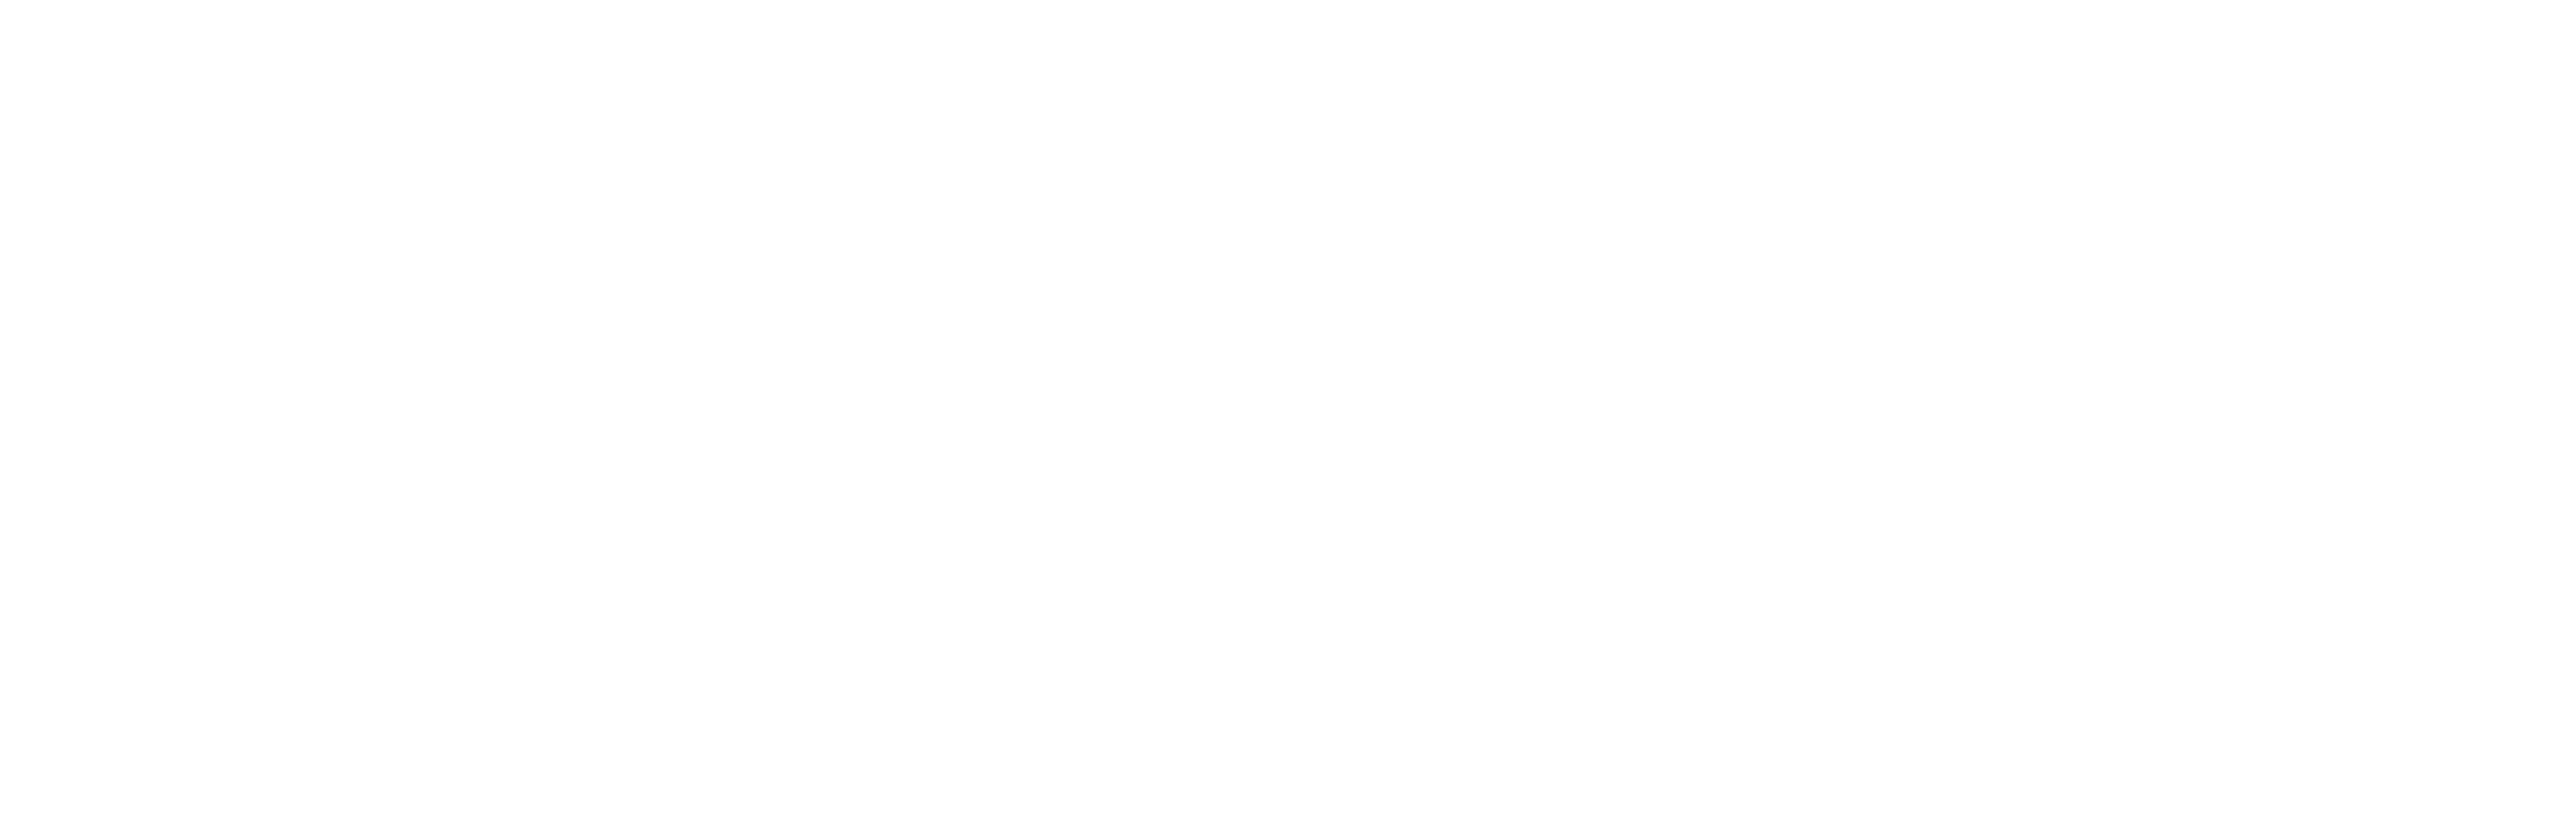 mediePlan Fyn